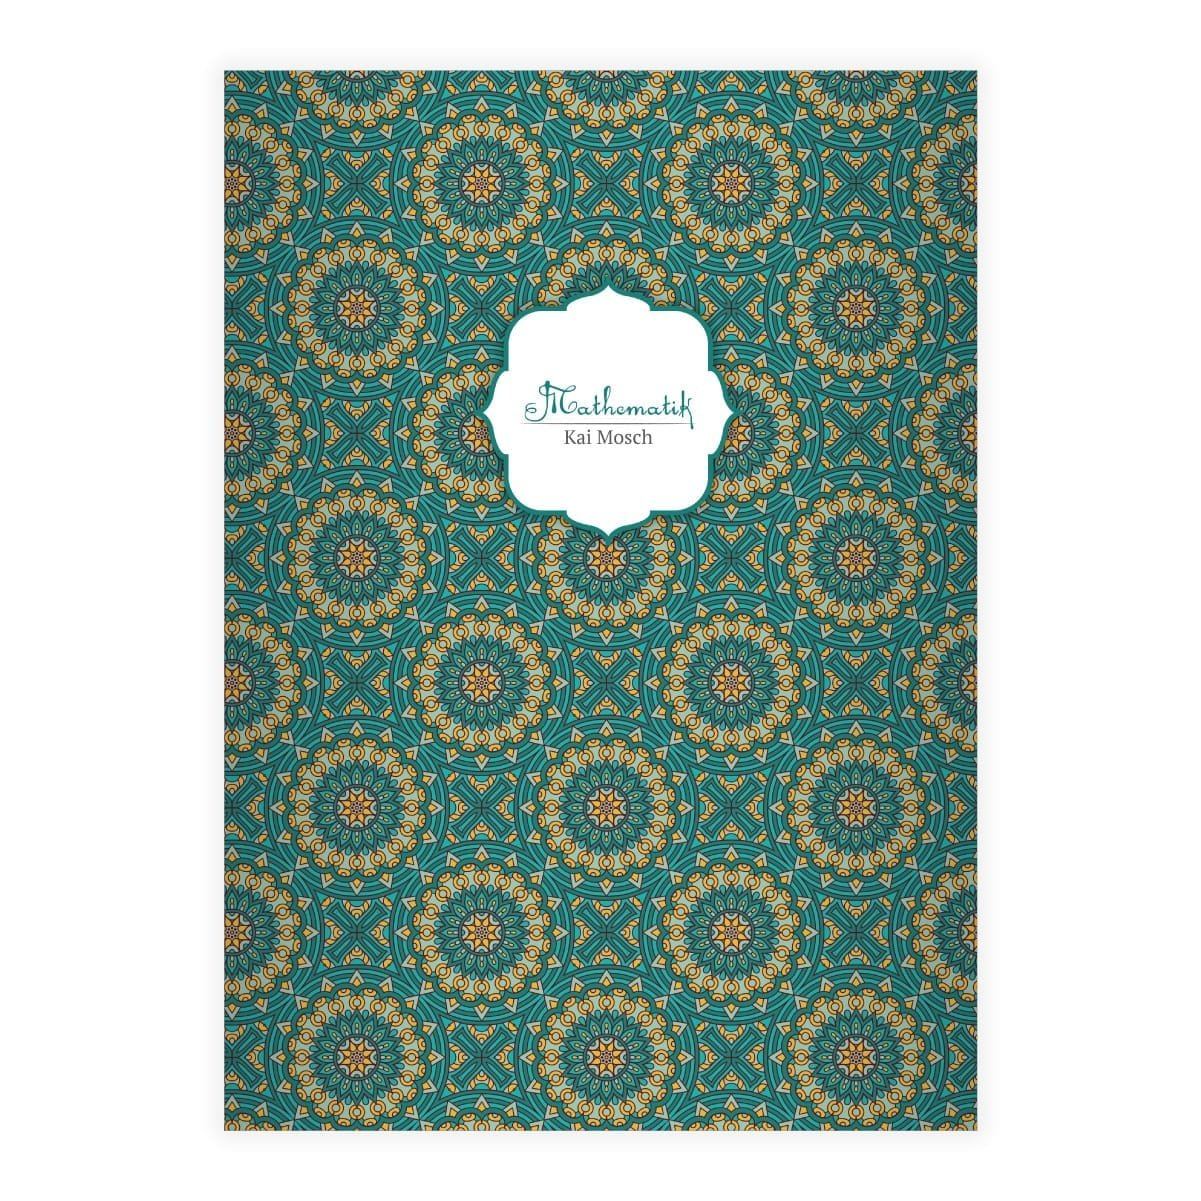 blanko Heft Kartenkaufrausch 1 Elegantes Boho Stil DIN A4 Schulheft Schreibhefte mit ethno Stern Muster in beige Lineatur 20